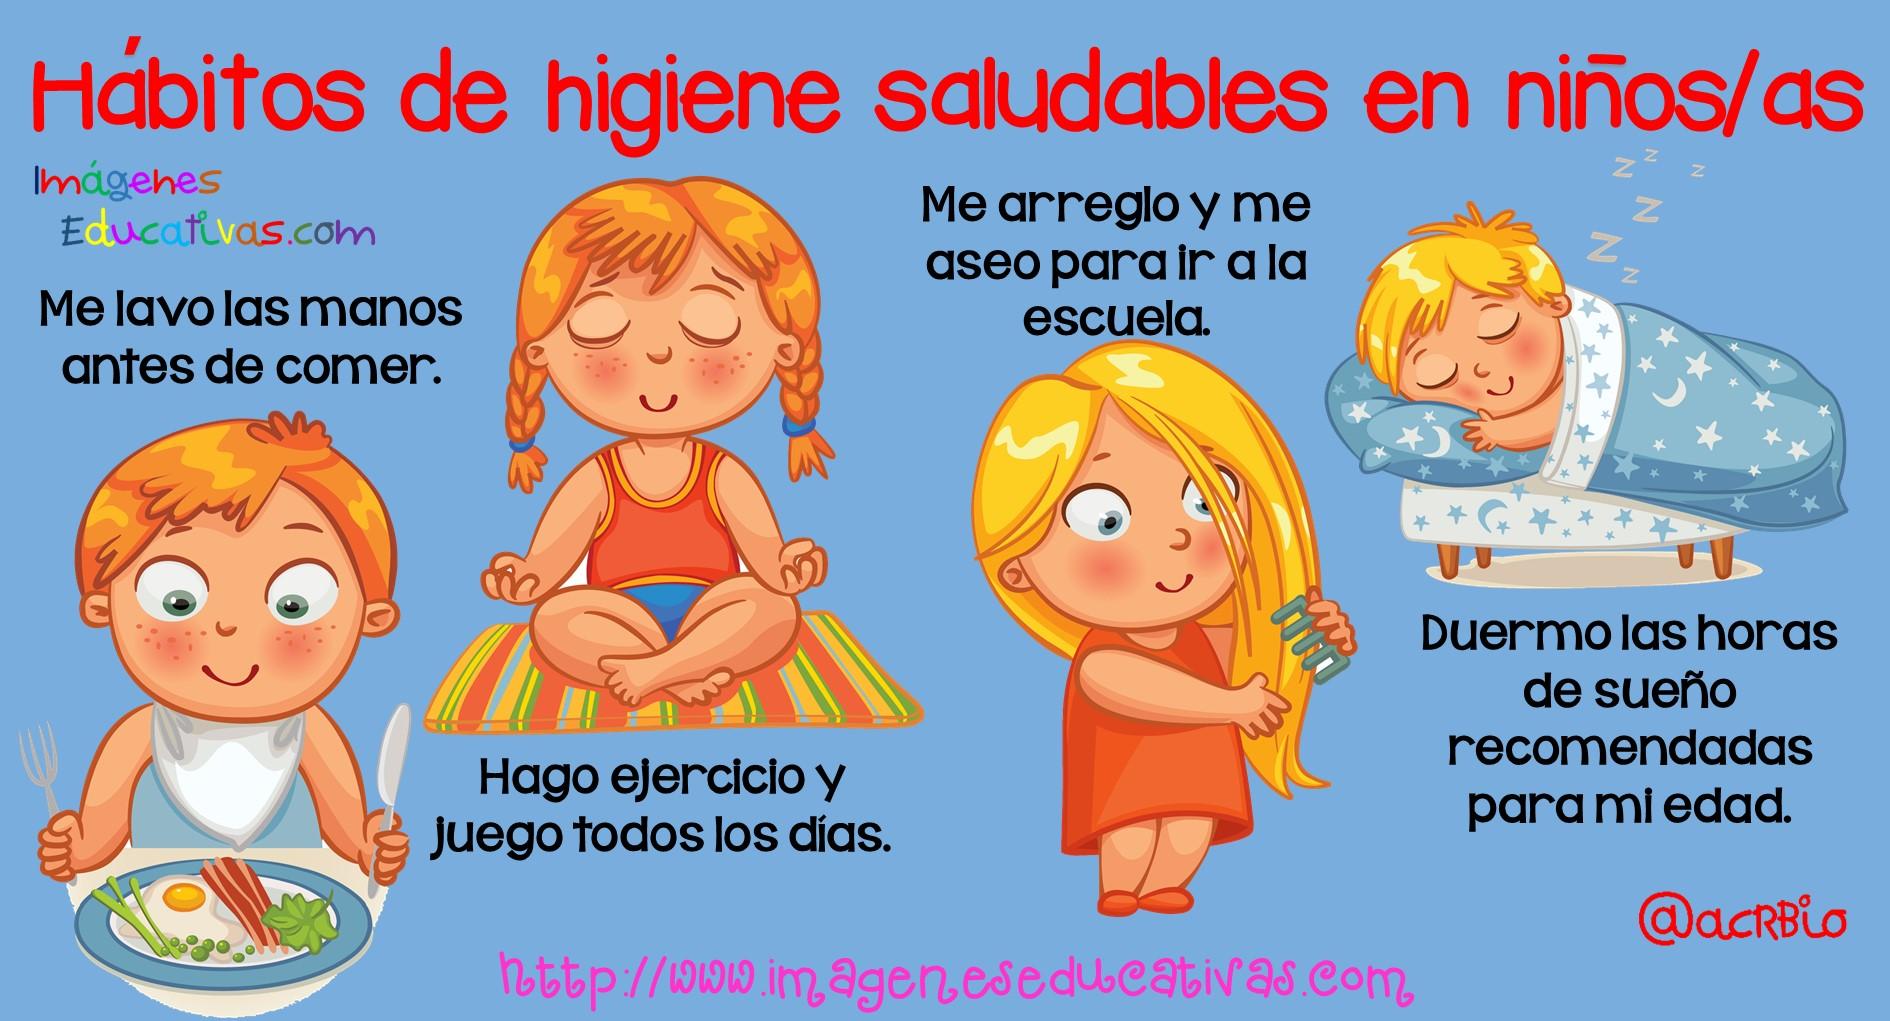 Hábitos de higiene saludables en niños y niñas - Imagenes Educativas